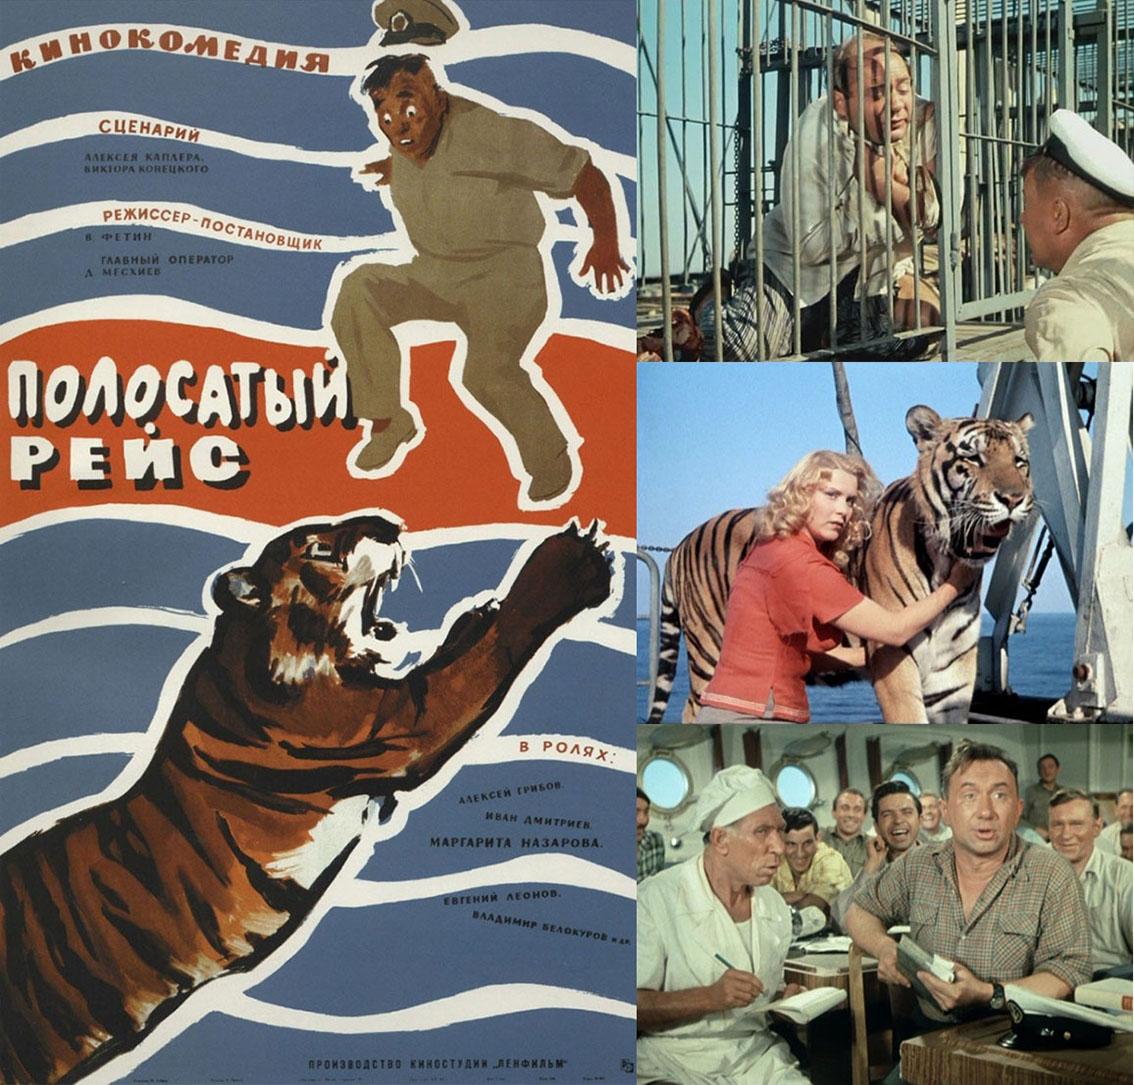 Кадры из фильма приключенческие фильмы смотреть онлайн советские